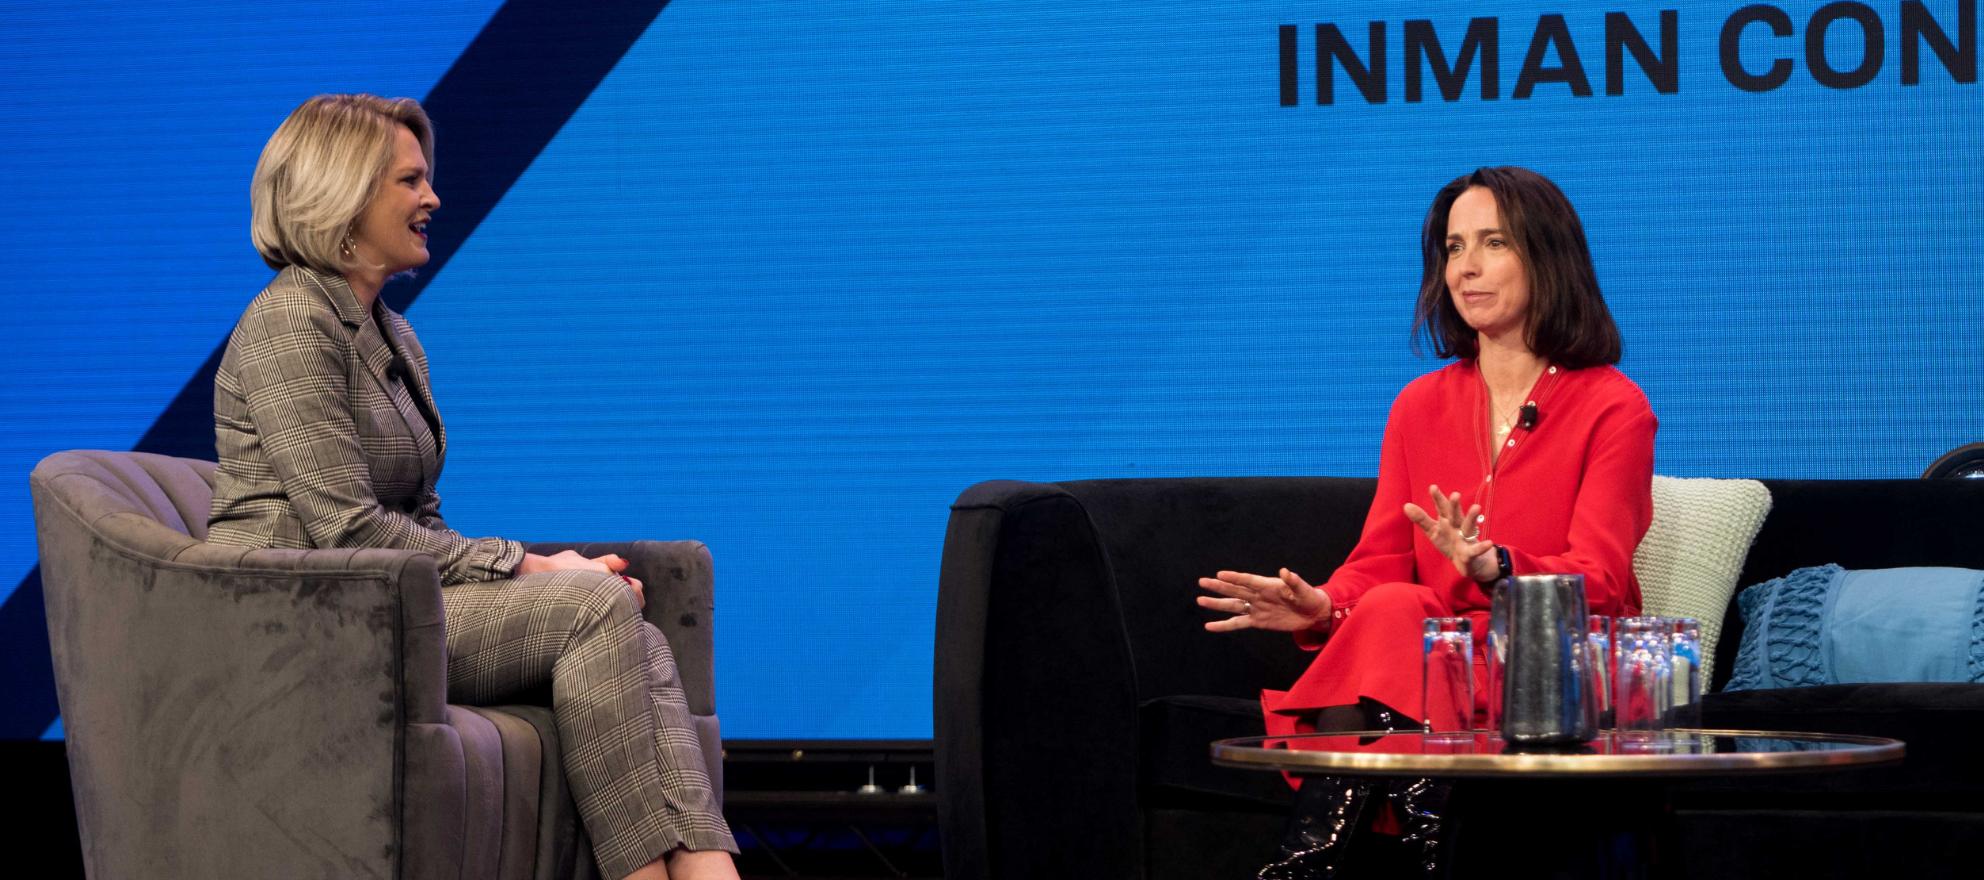 WATCH: Nextdoor's CEO discusses how to build stronger communities